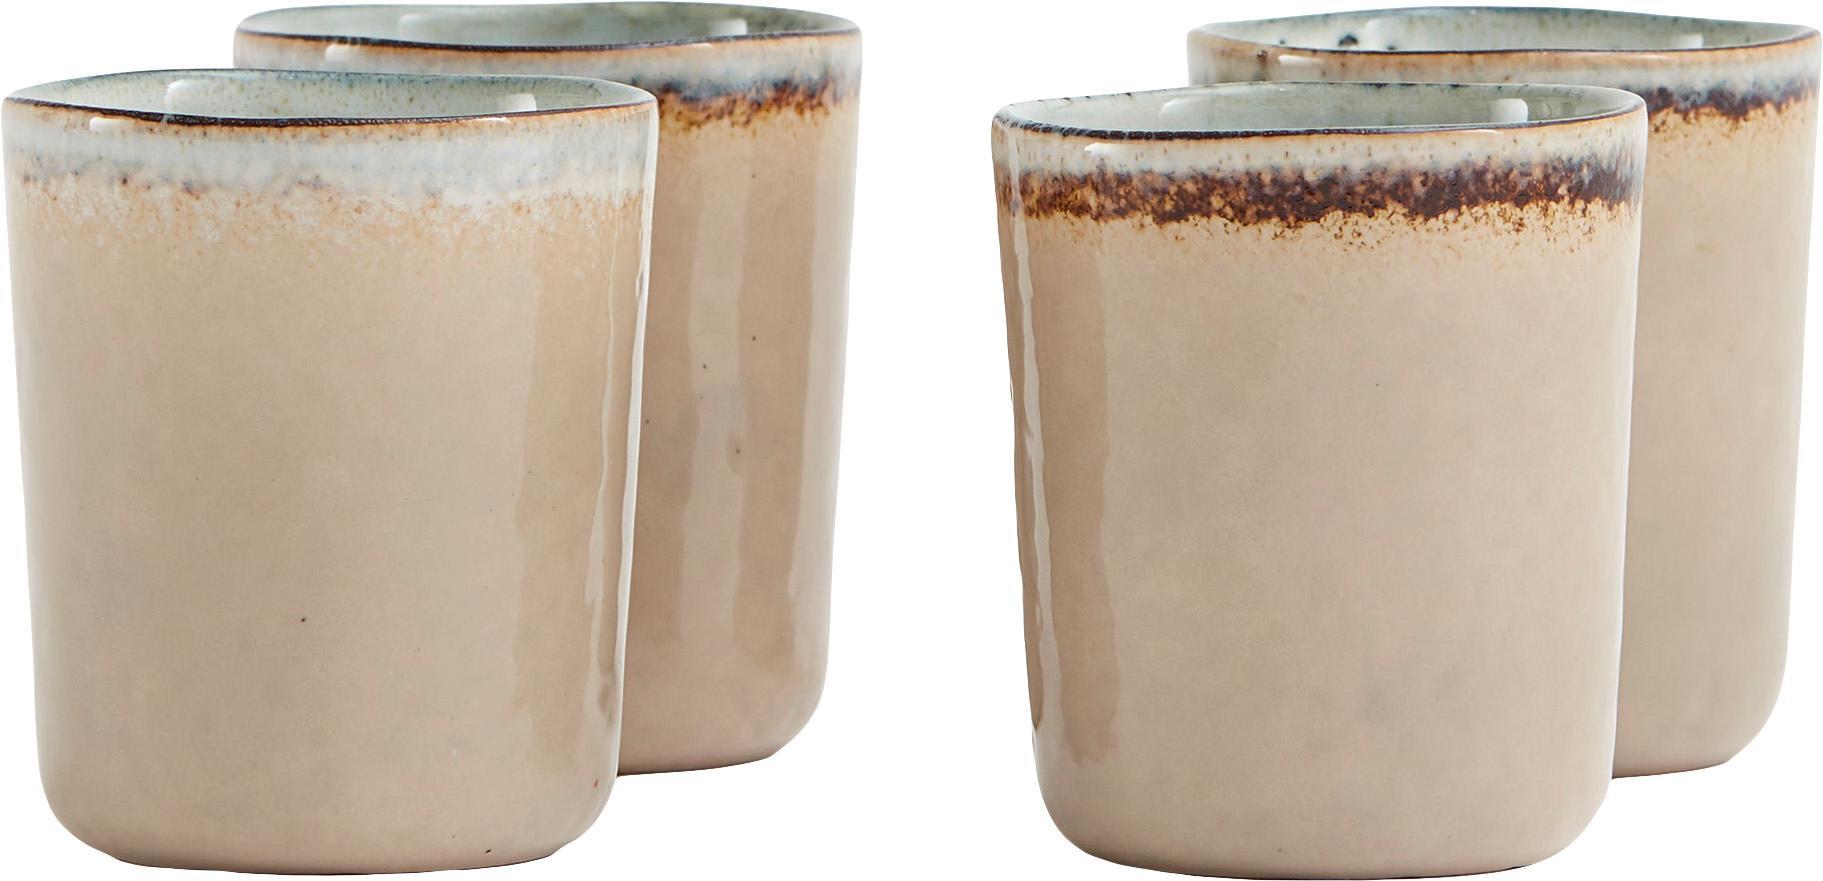 Handgemachte Becher Nomimono in Beige/Grau, 4er-Set, Steingut, Grau, Greige, Ø 8 x H 10 cm